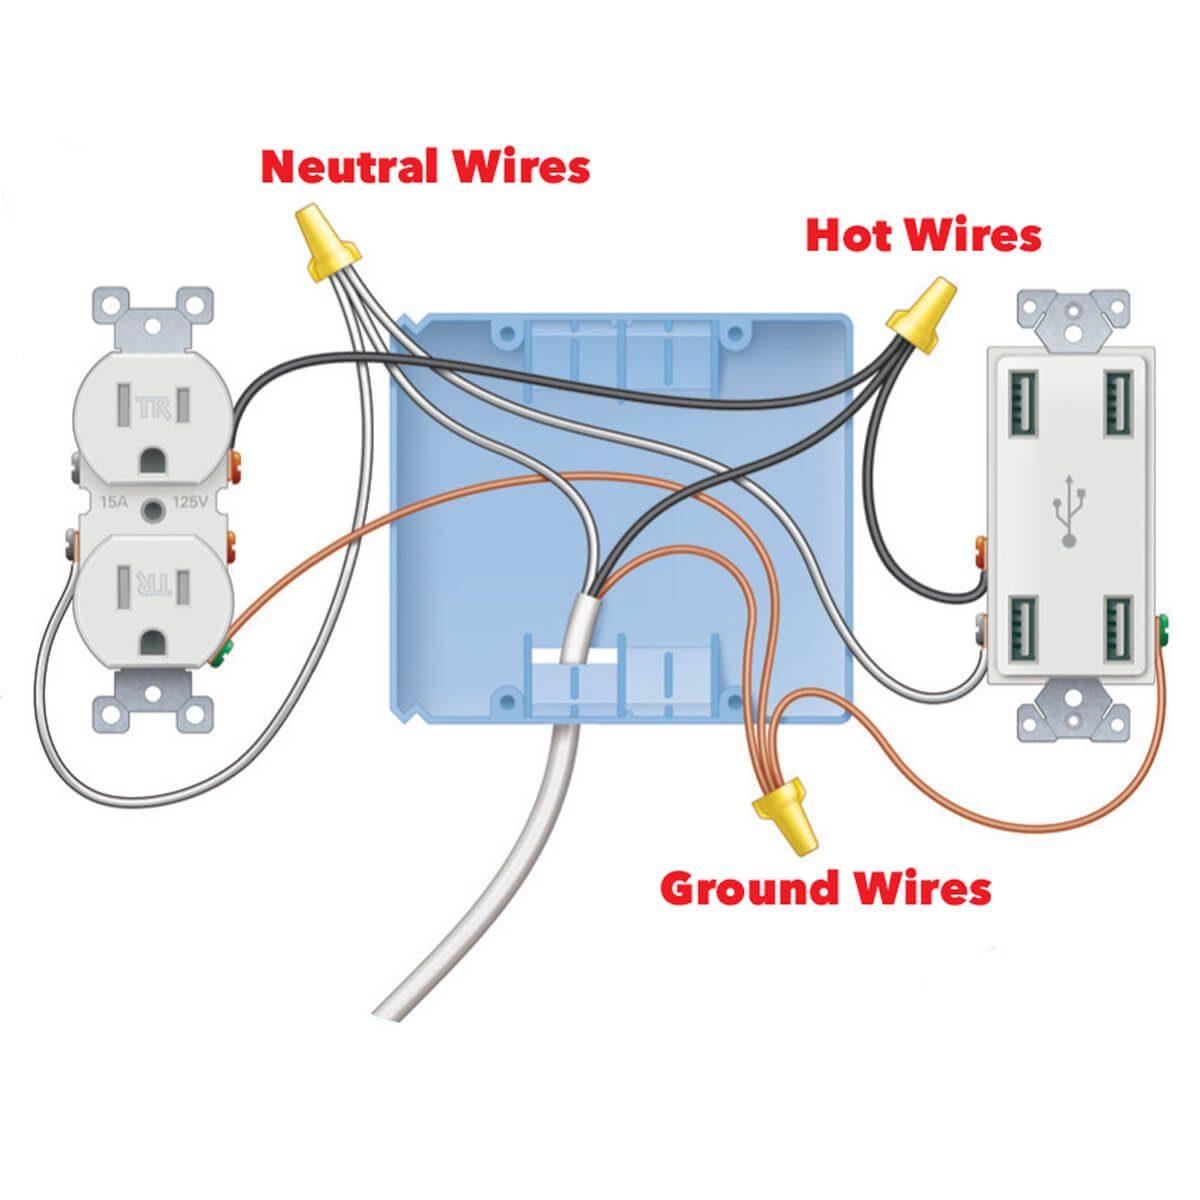 061_FHM_OCTNOV17 figure a usb outlet